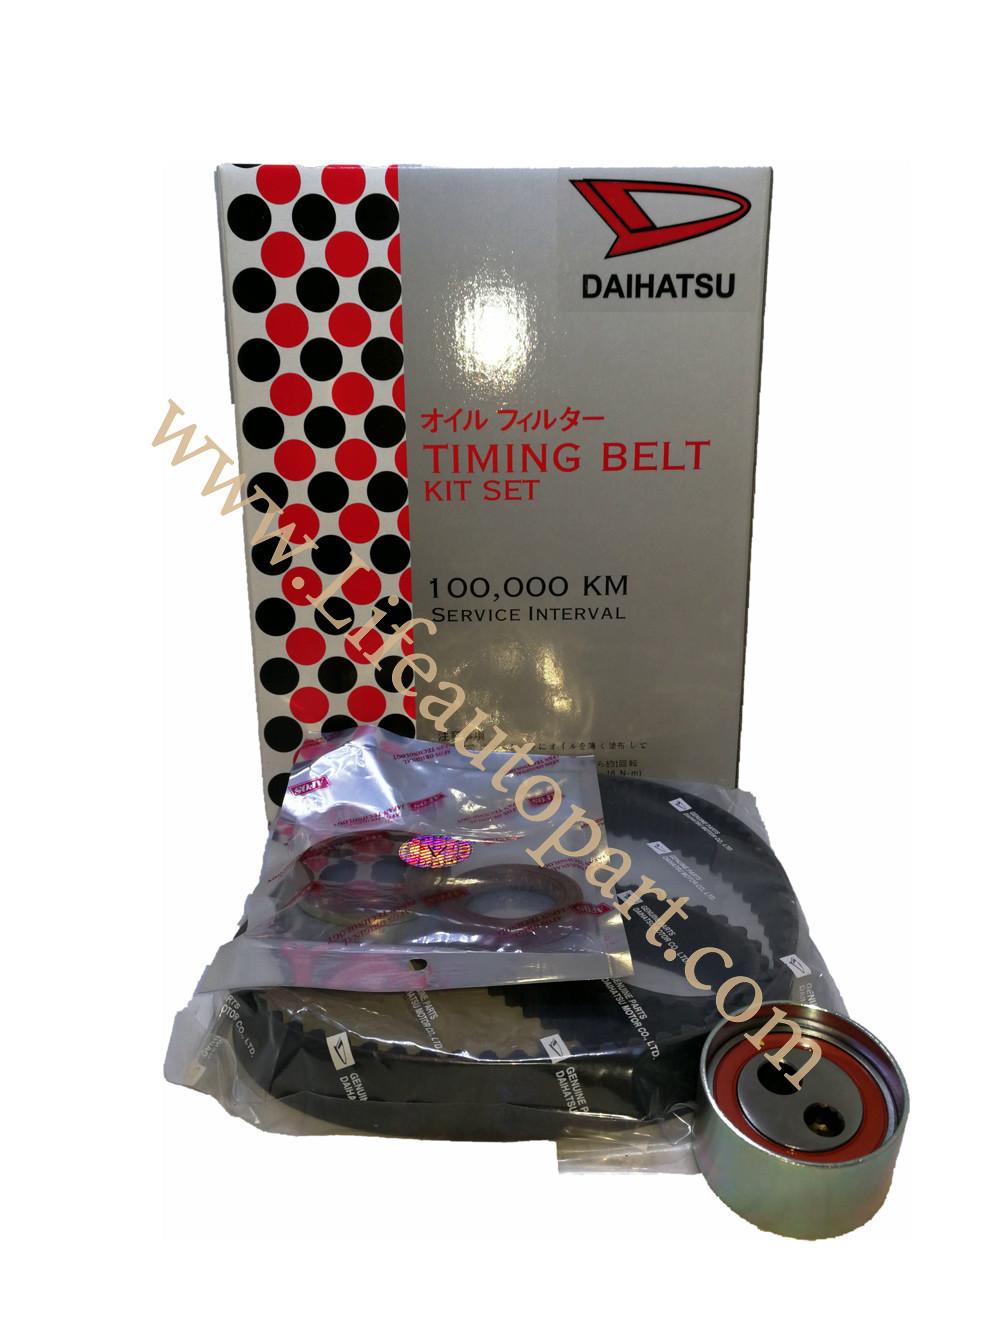 hight resolution of daihatsu timing belt